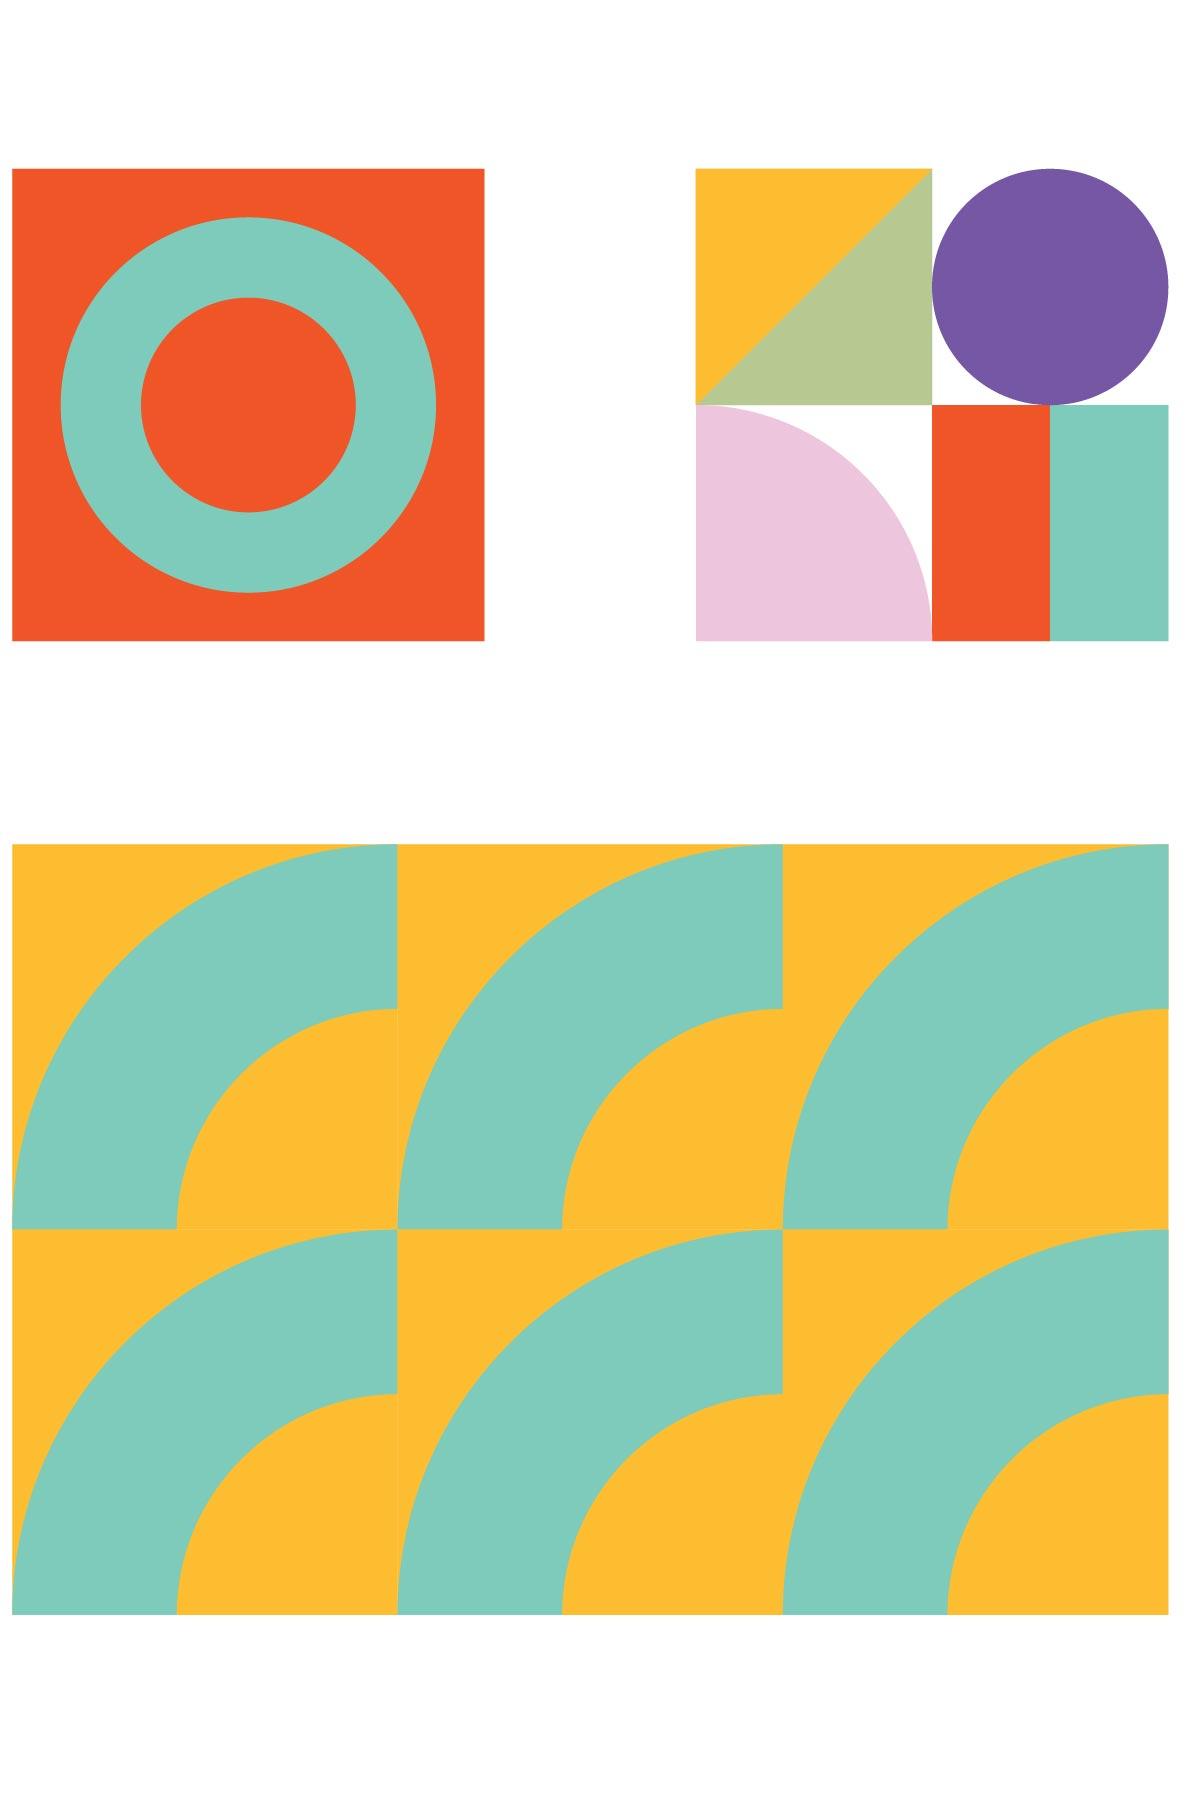 visual_shape-pattern-01